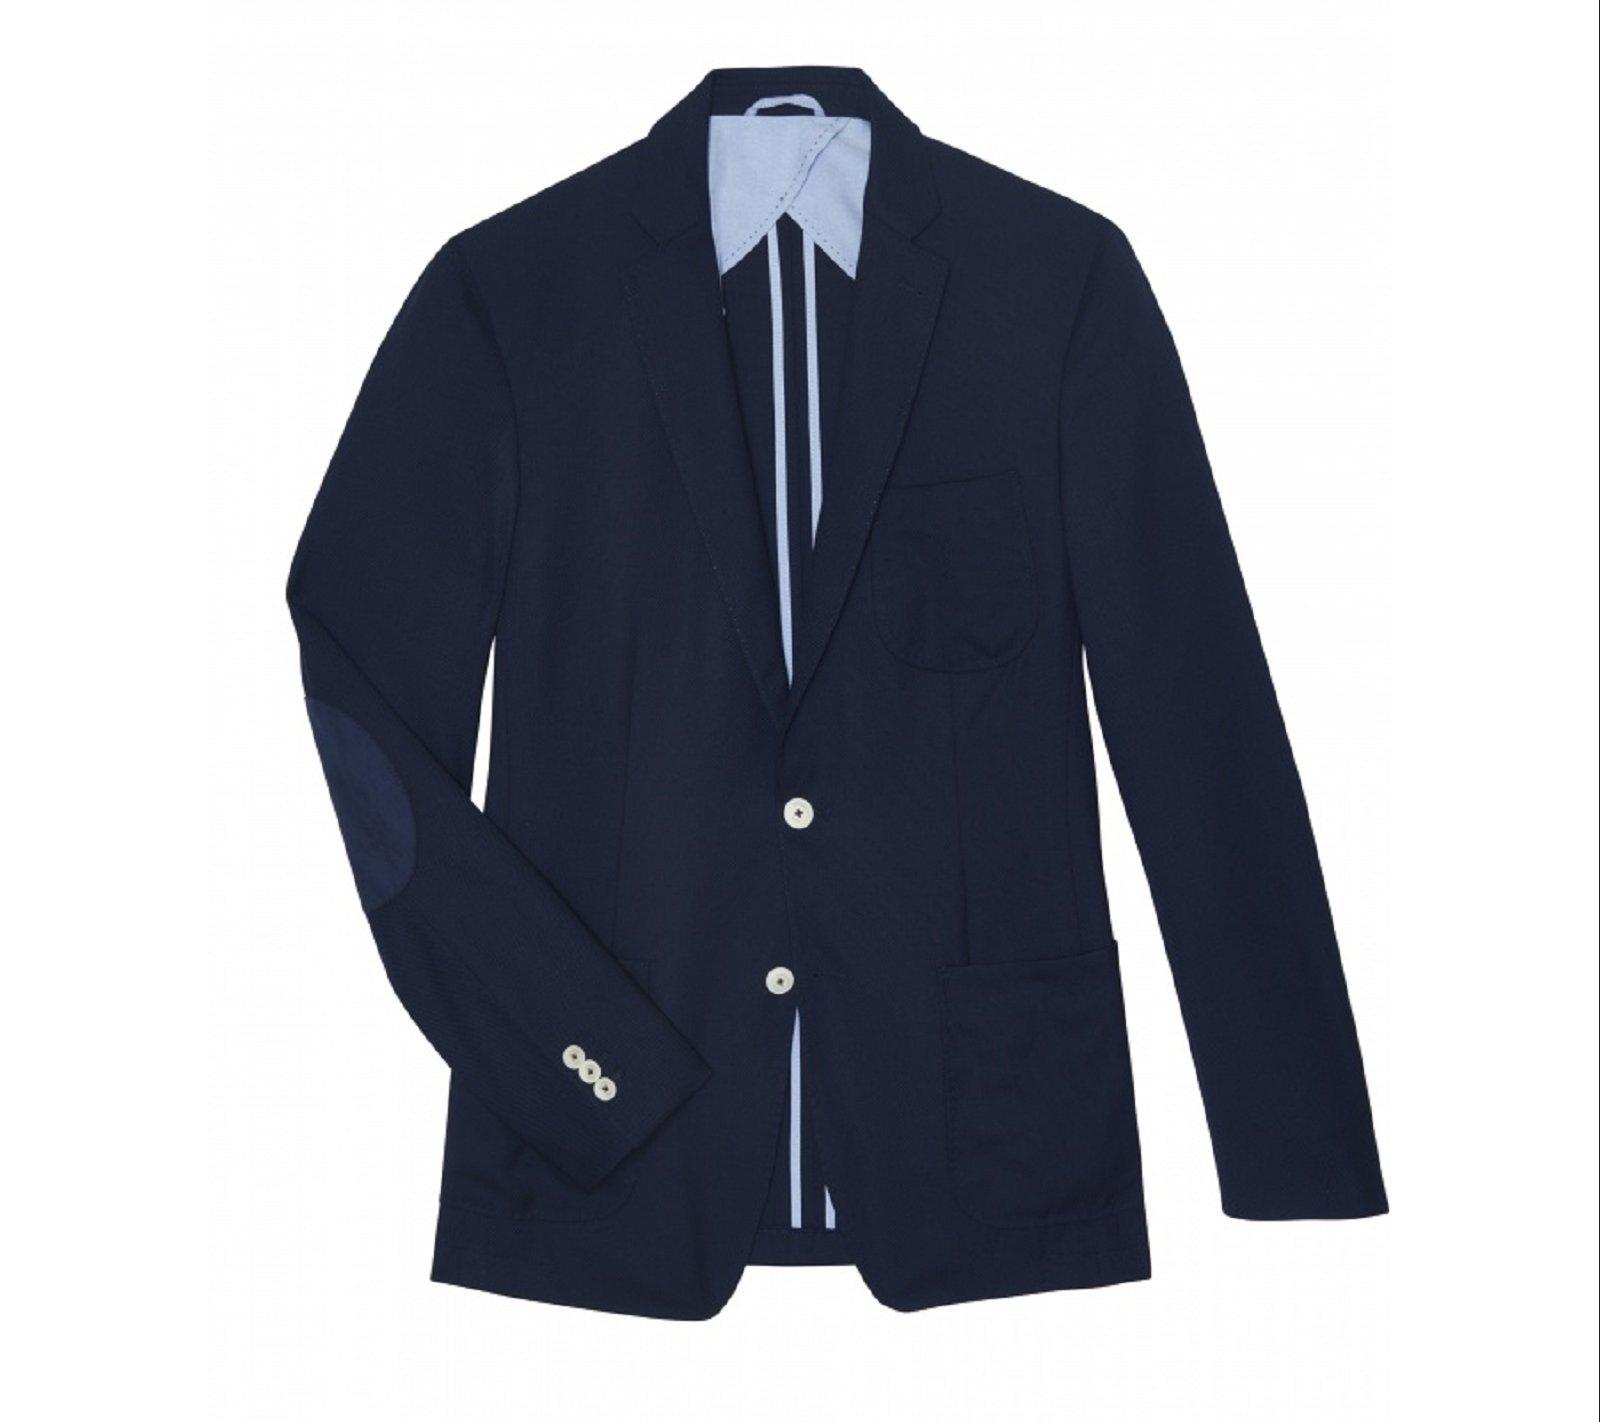 vicomte a blazer avec coudi re blazhop 01 blazer pour. Black Bedroom Furniture Sets. Home Design Ideas